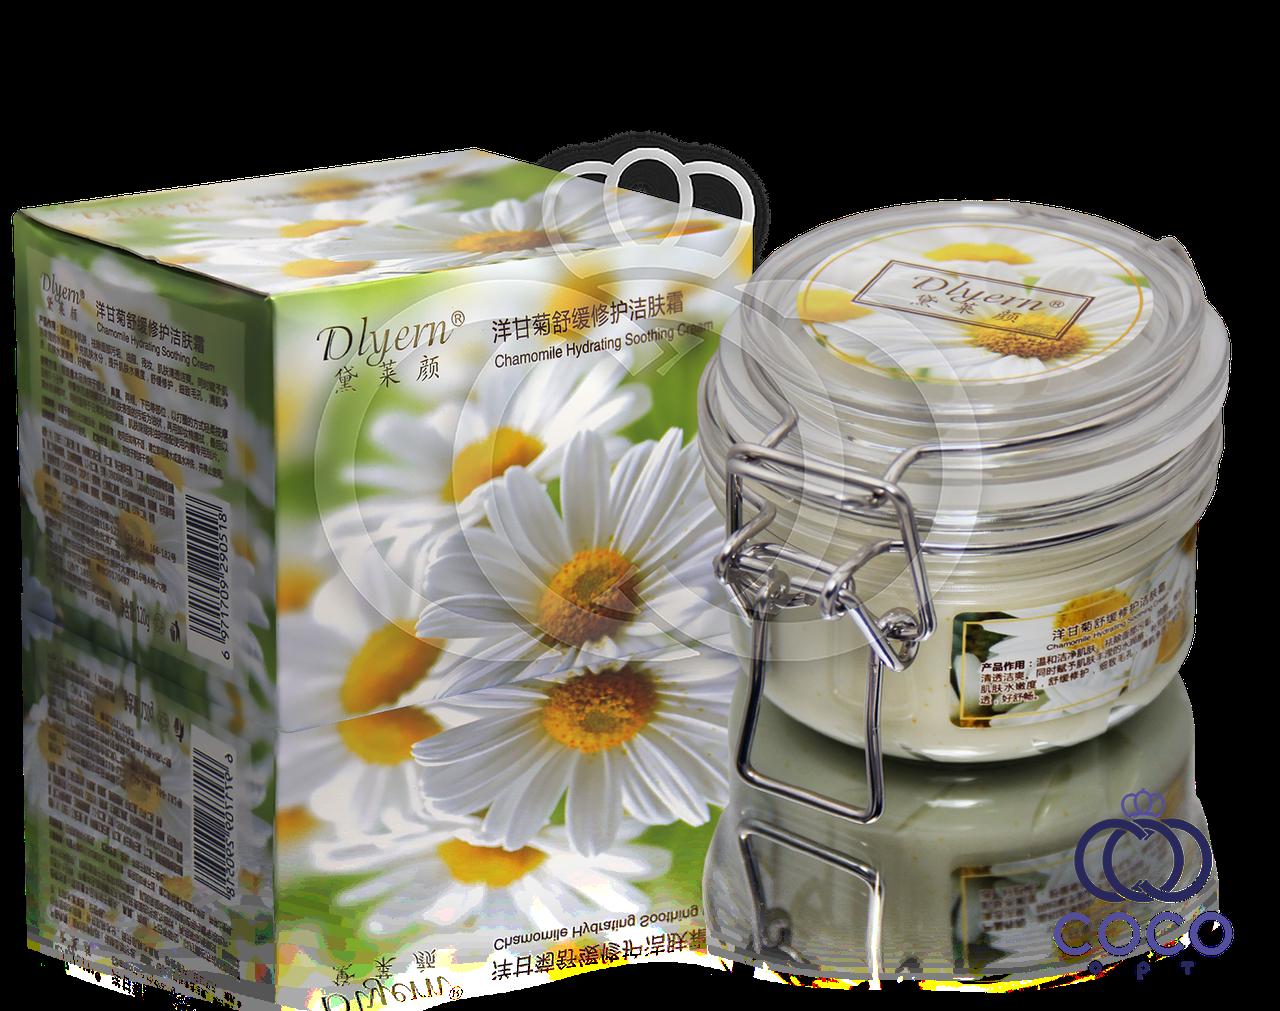 Корейский увлажняющий и успокаивающий крем с экстрактом ромашки Chamomile Hydrating Soothing Cream